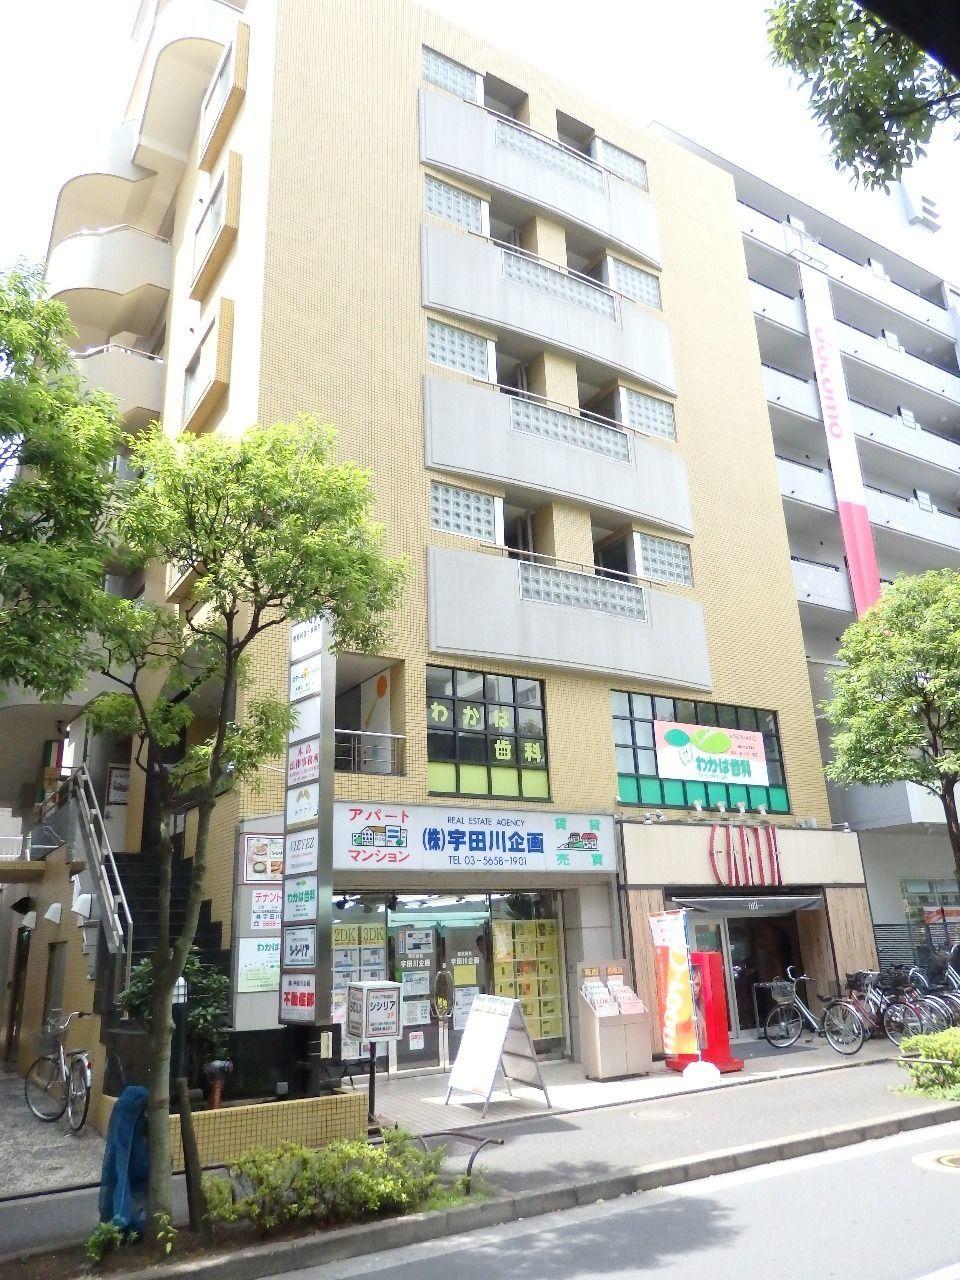 管理会社の㈱宇田川企画が1階の店舗に入っているので室内の事など何かあったらすぐに対応いたします。